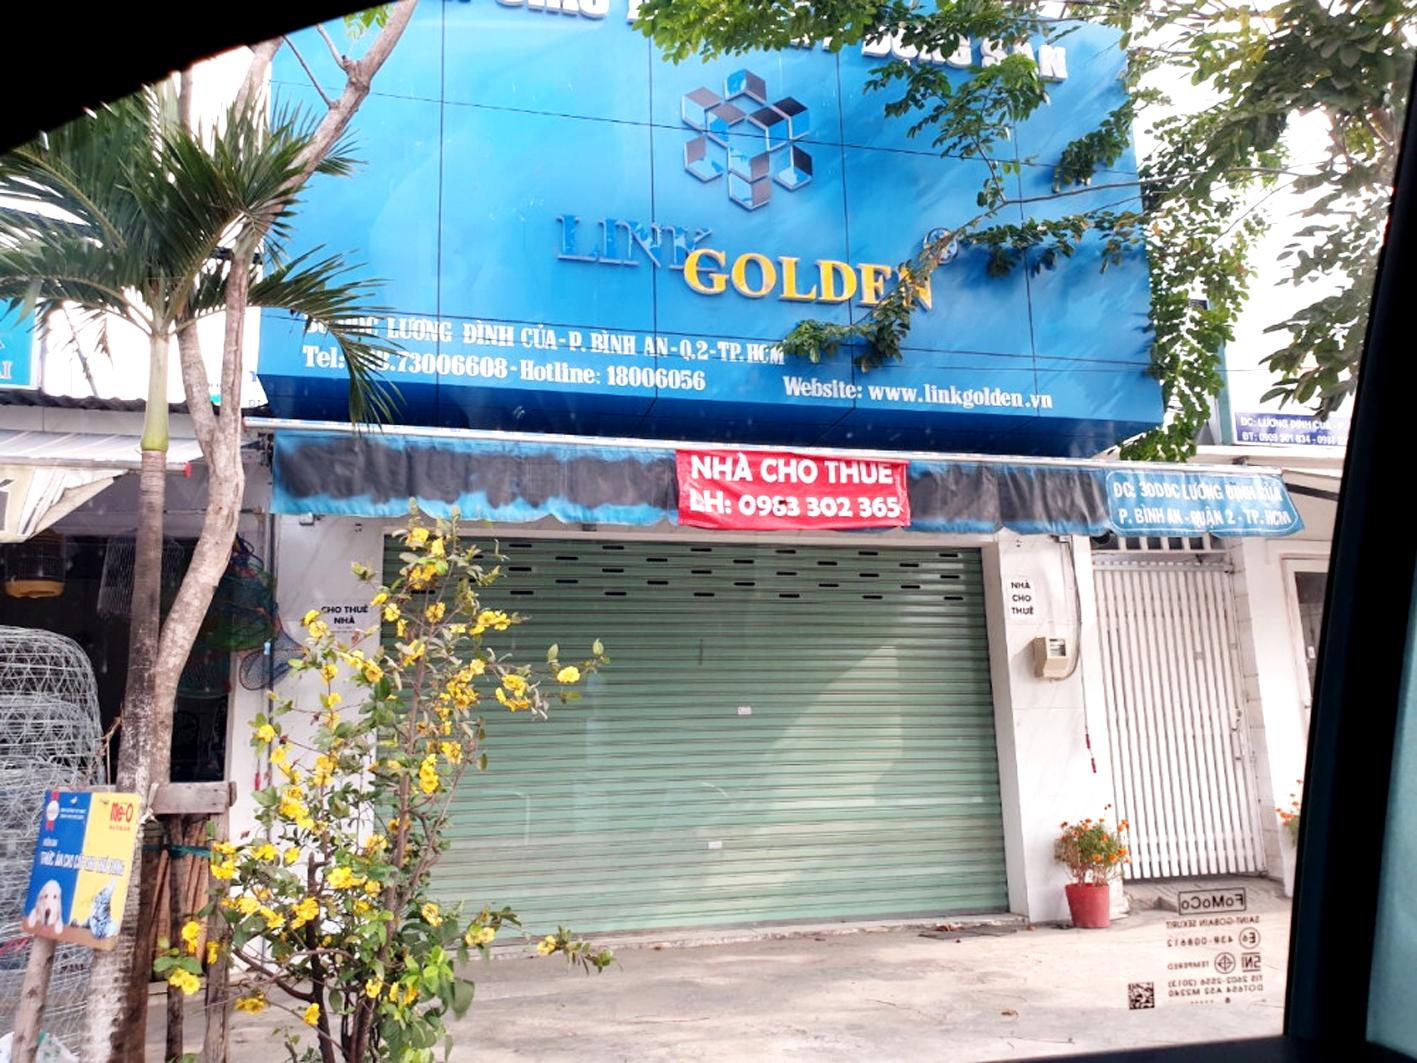 Nhiều doanh nghiệp bất động sản ở Q.2 đóng cửa do không trụ nổi trong mùa dịch COVID-19